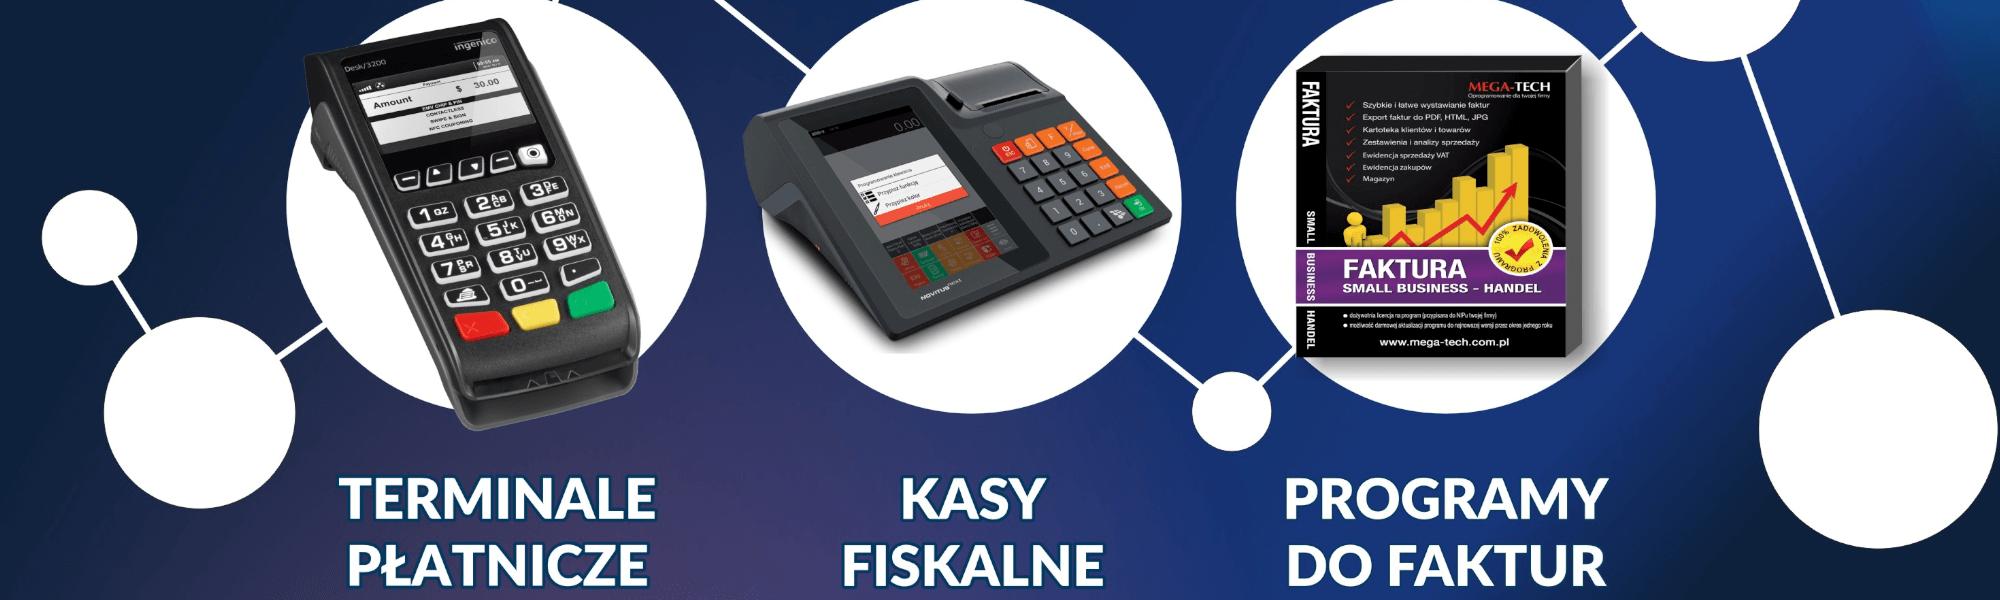 kasjer kasy fiskalne tarnów terminale płatnicze programy